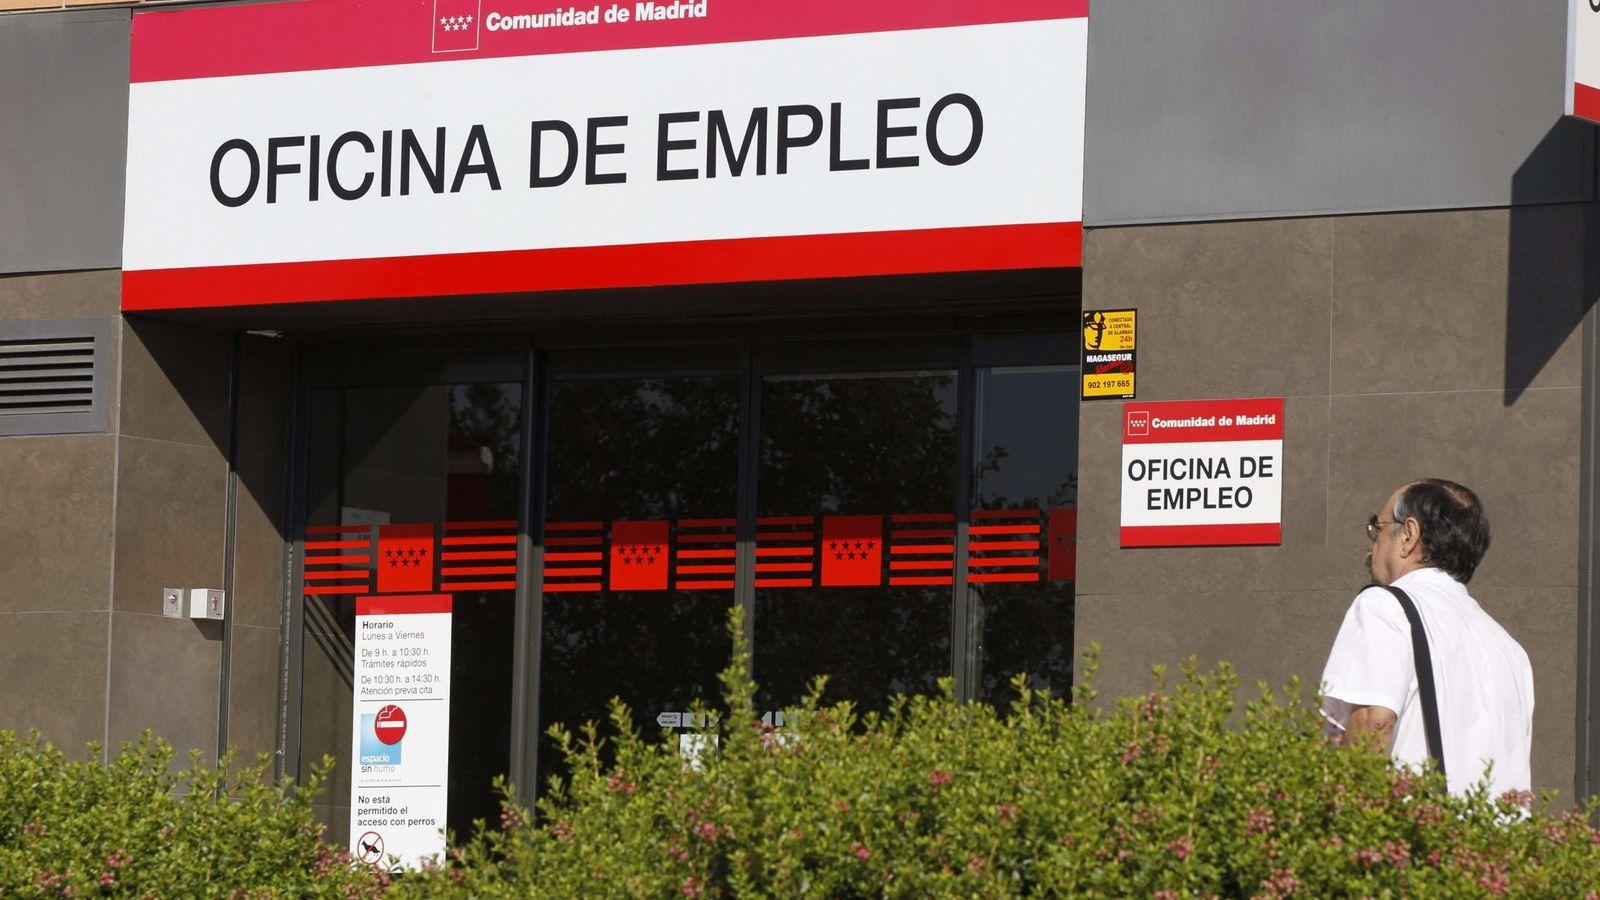 Foto: Fachada de una oficina de empleo en Madrid. (EFE)